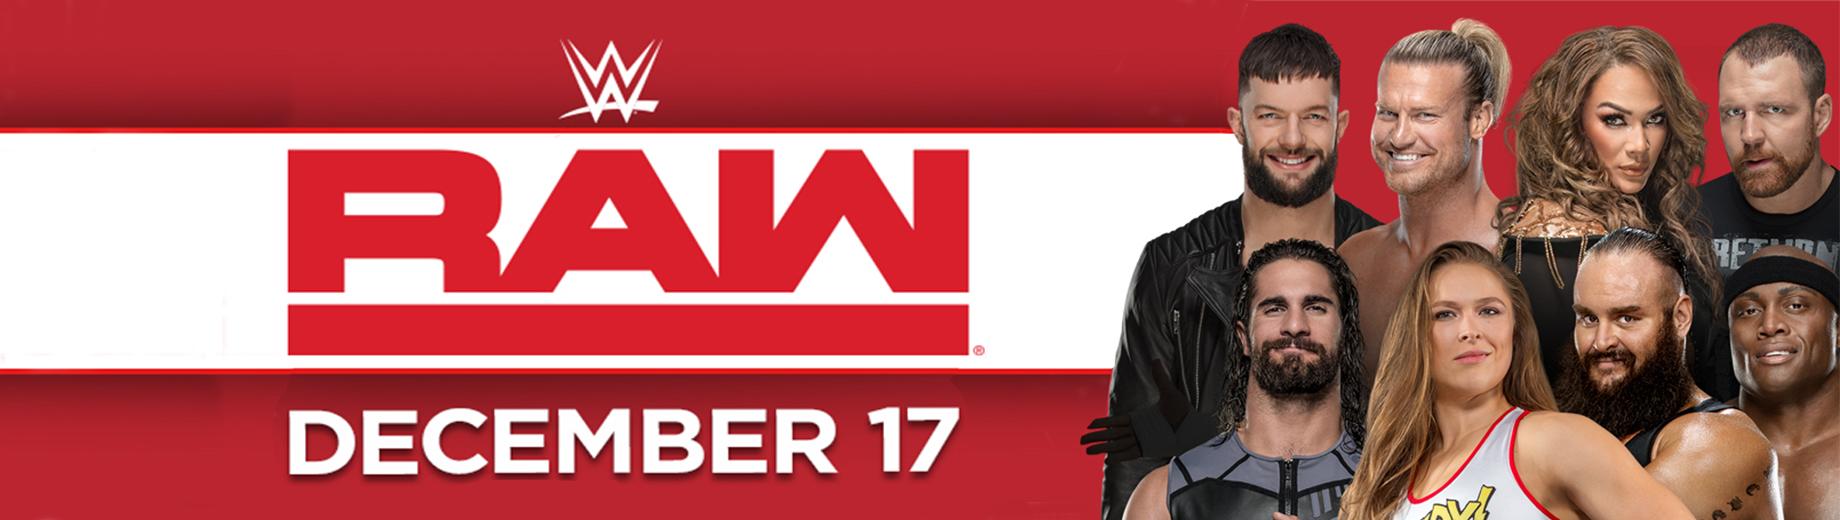 WWE 12-15-18 to 12-17-18.jpg